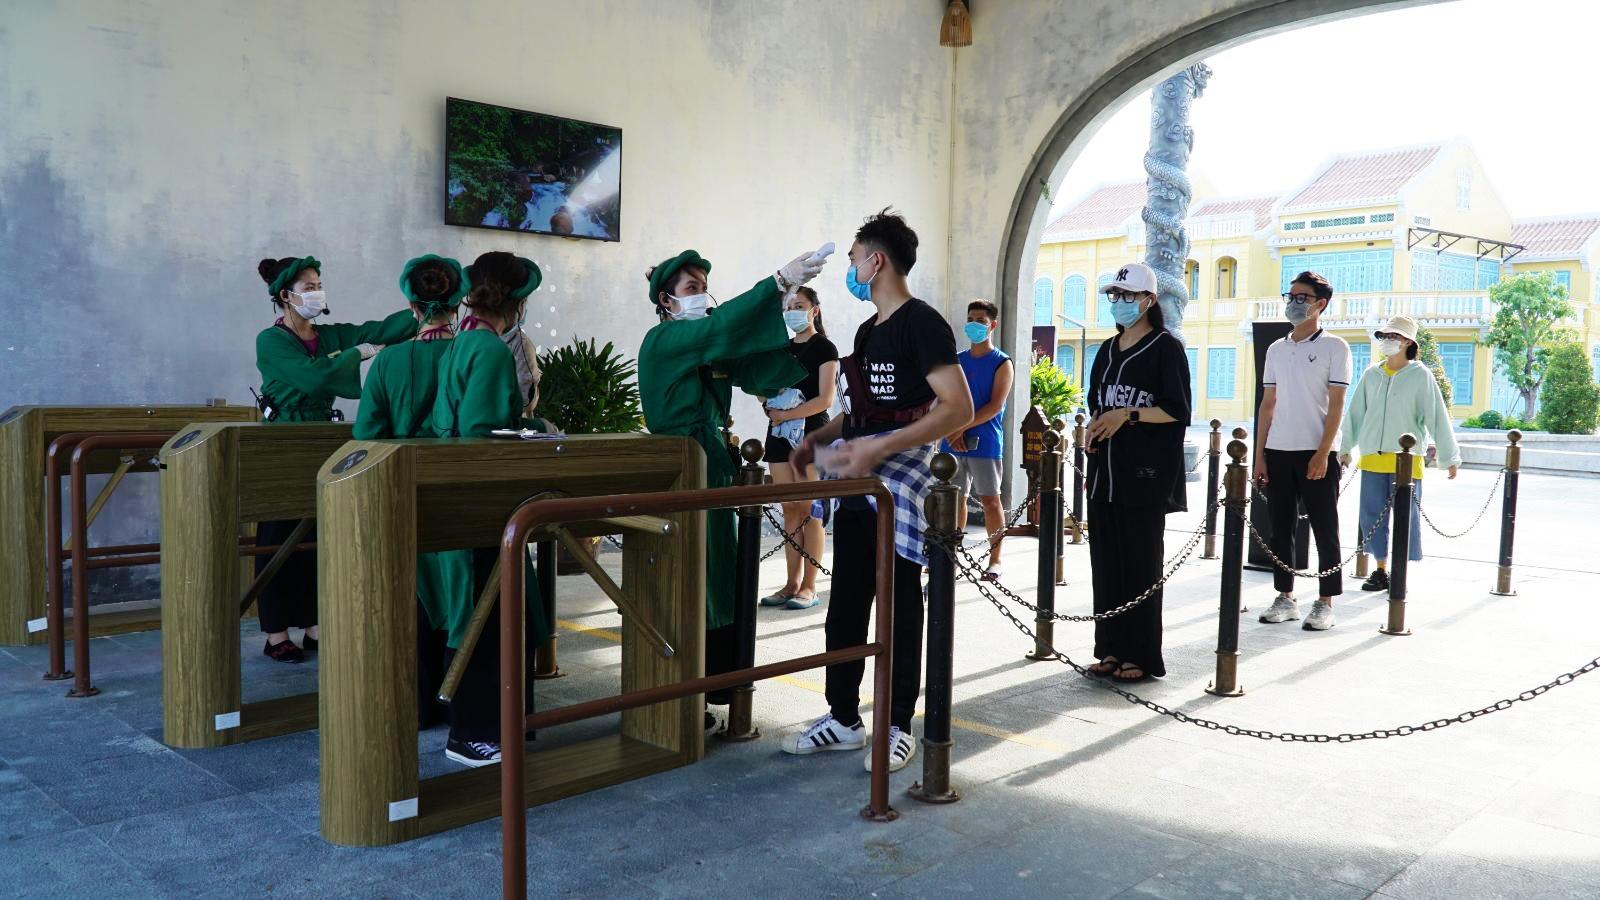 Ban quản lý Đảo Ký Ức Hội An huy động tất cả lực lượng ứng trực tại các điểm chào đón khách và những nơi đông khách trải nghiệm.